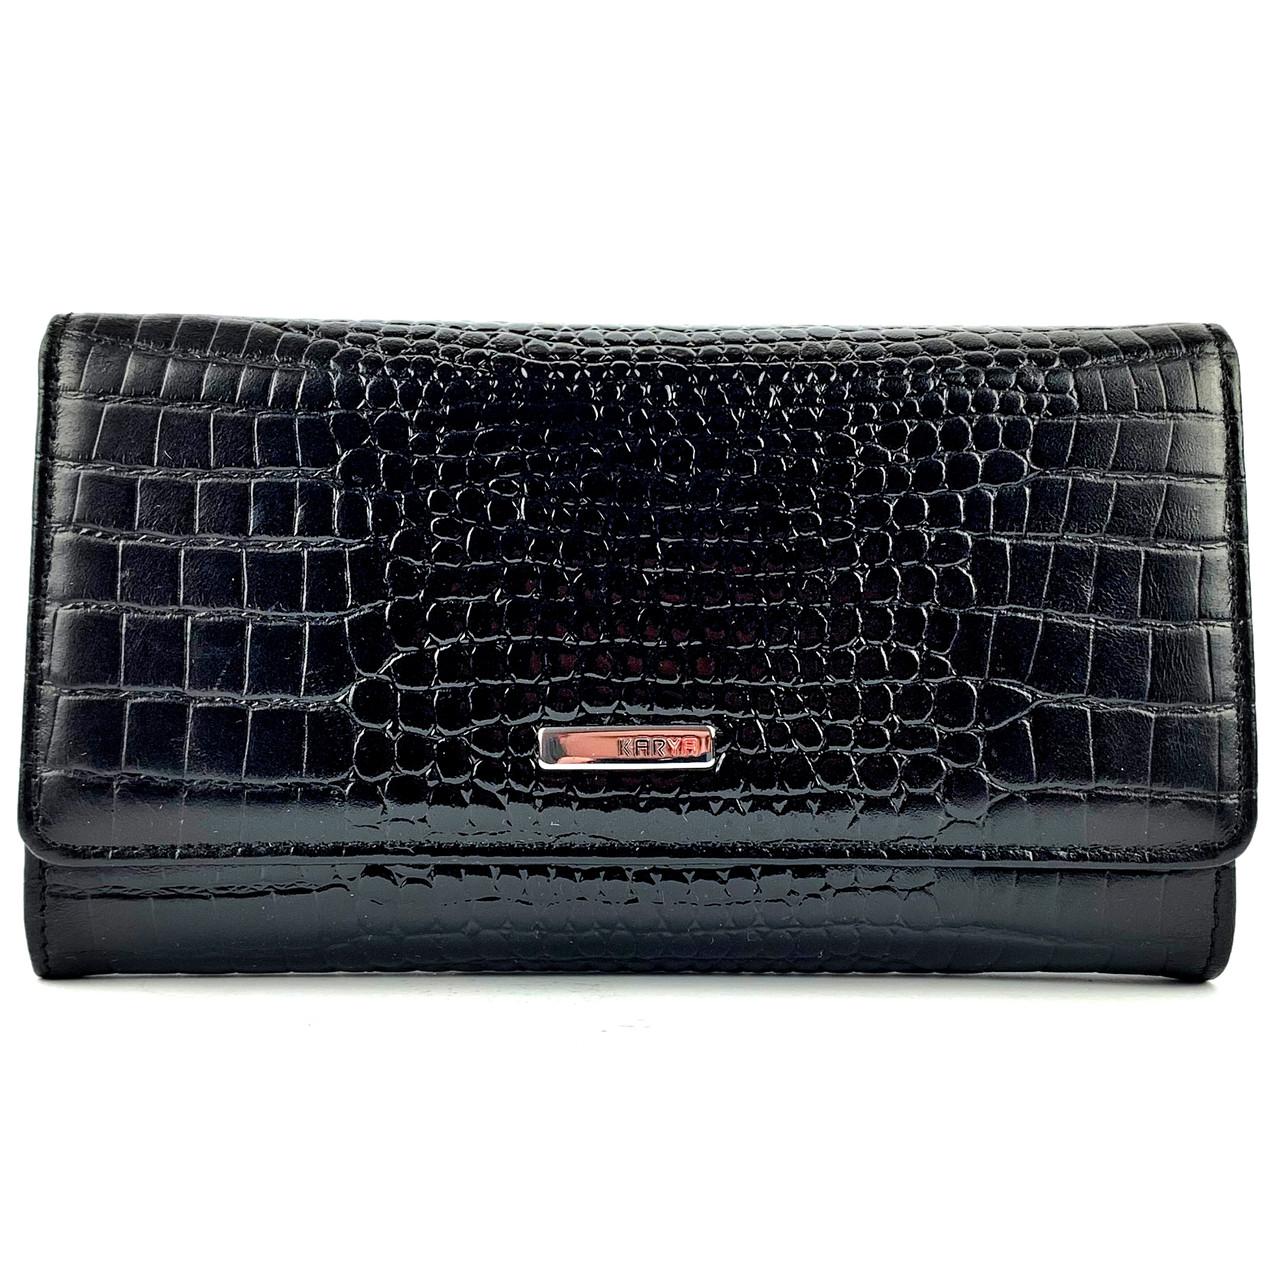 Жіночий гаманець шкіряний Karya 1088-045 чорний